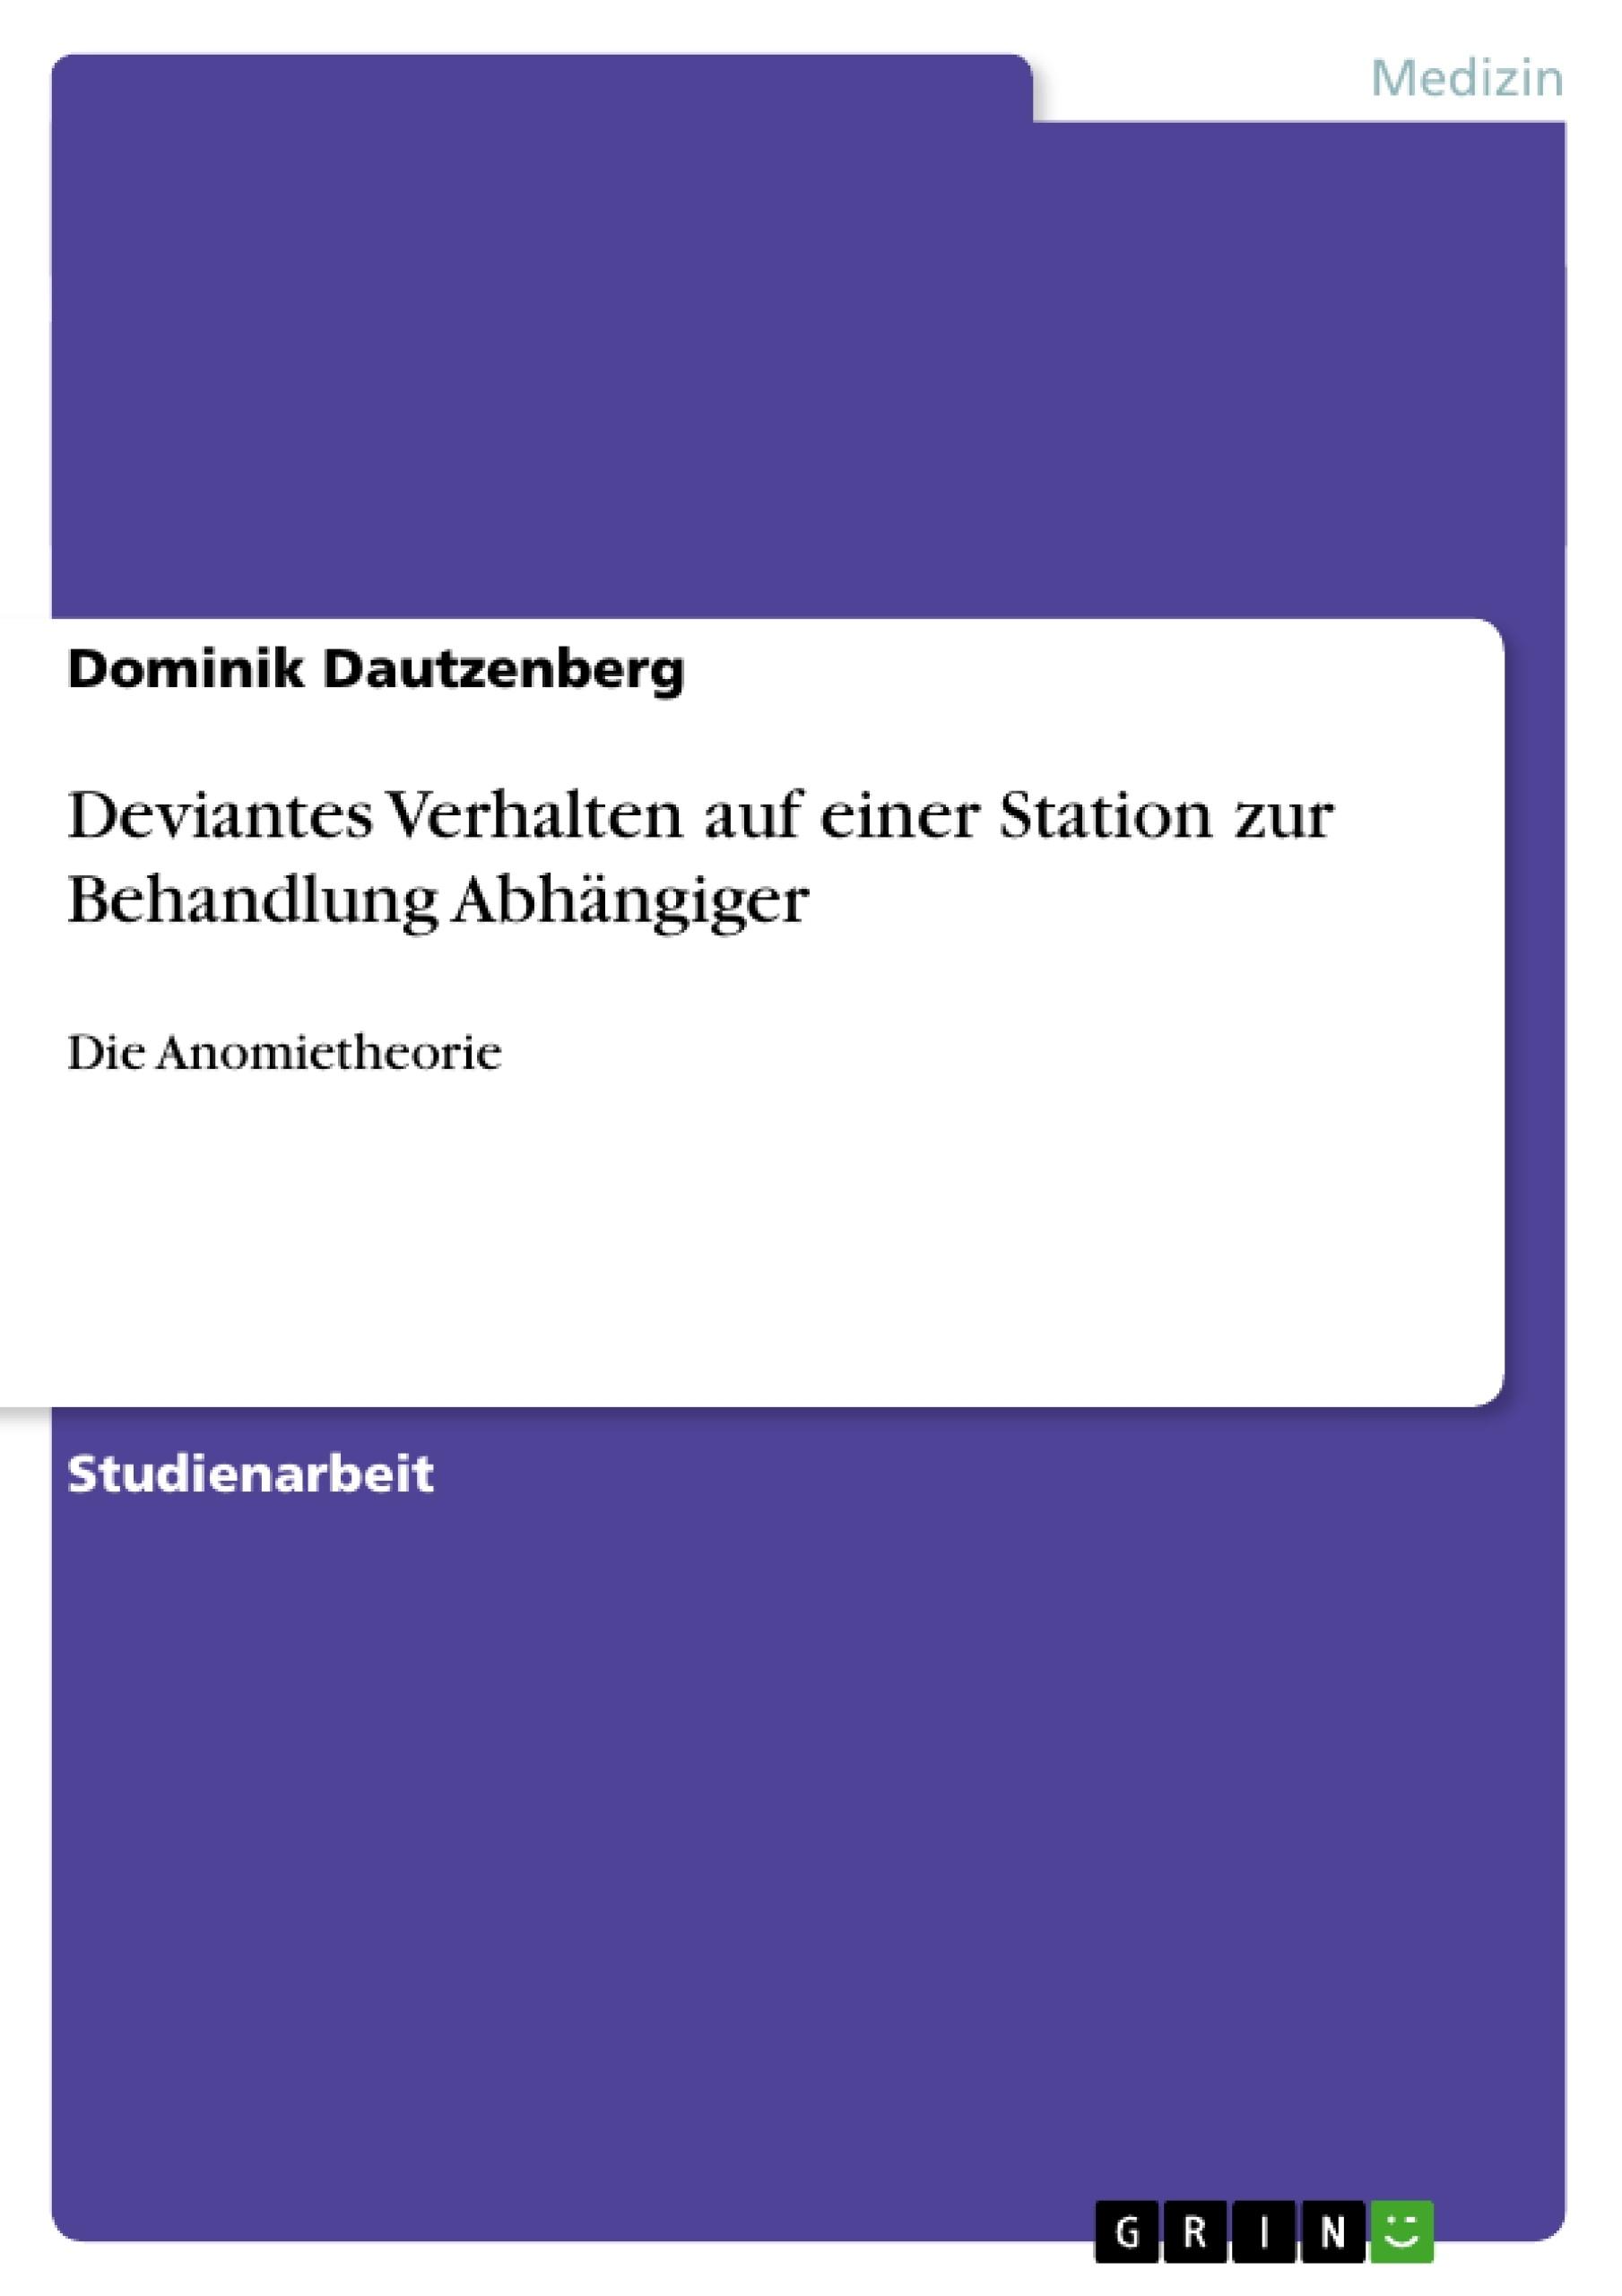 Titel: Deviantes Verhalten auf einer Station zur Behandlung Abhängiger